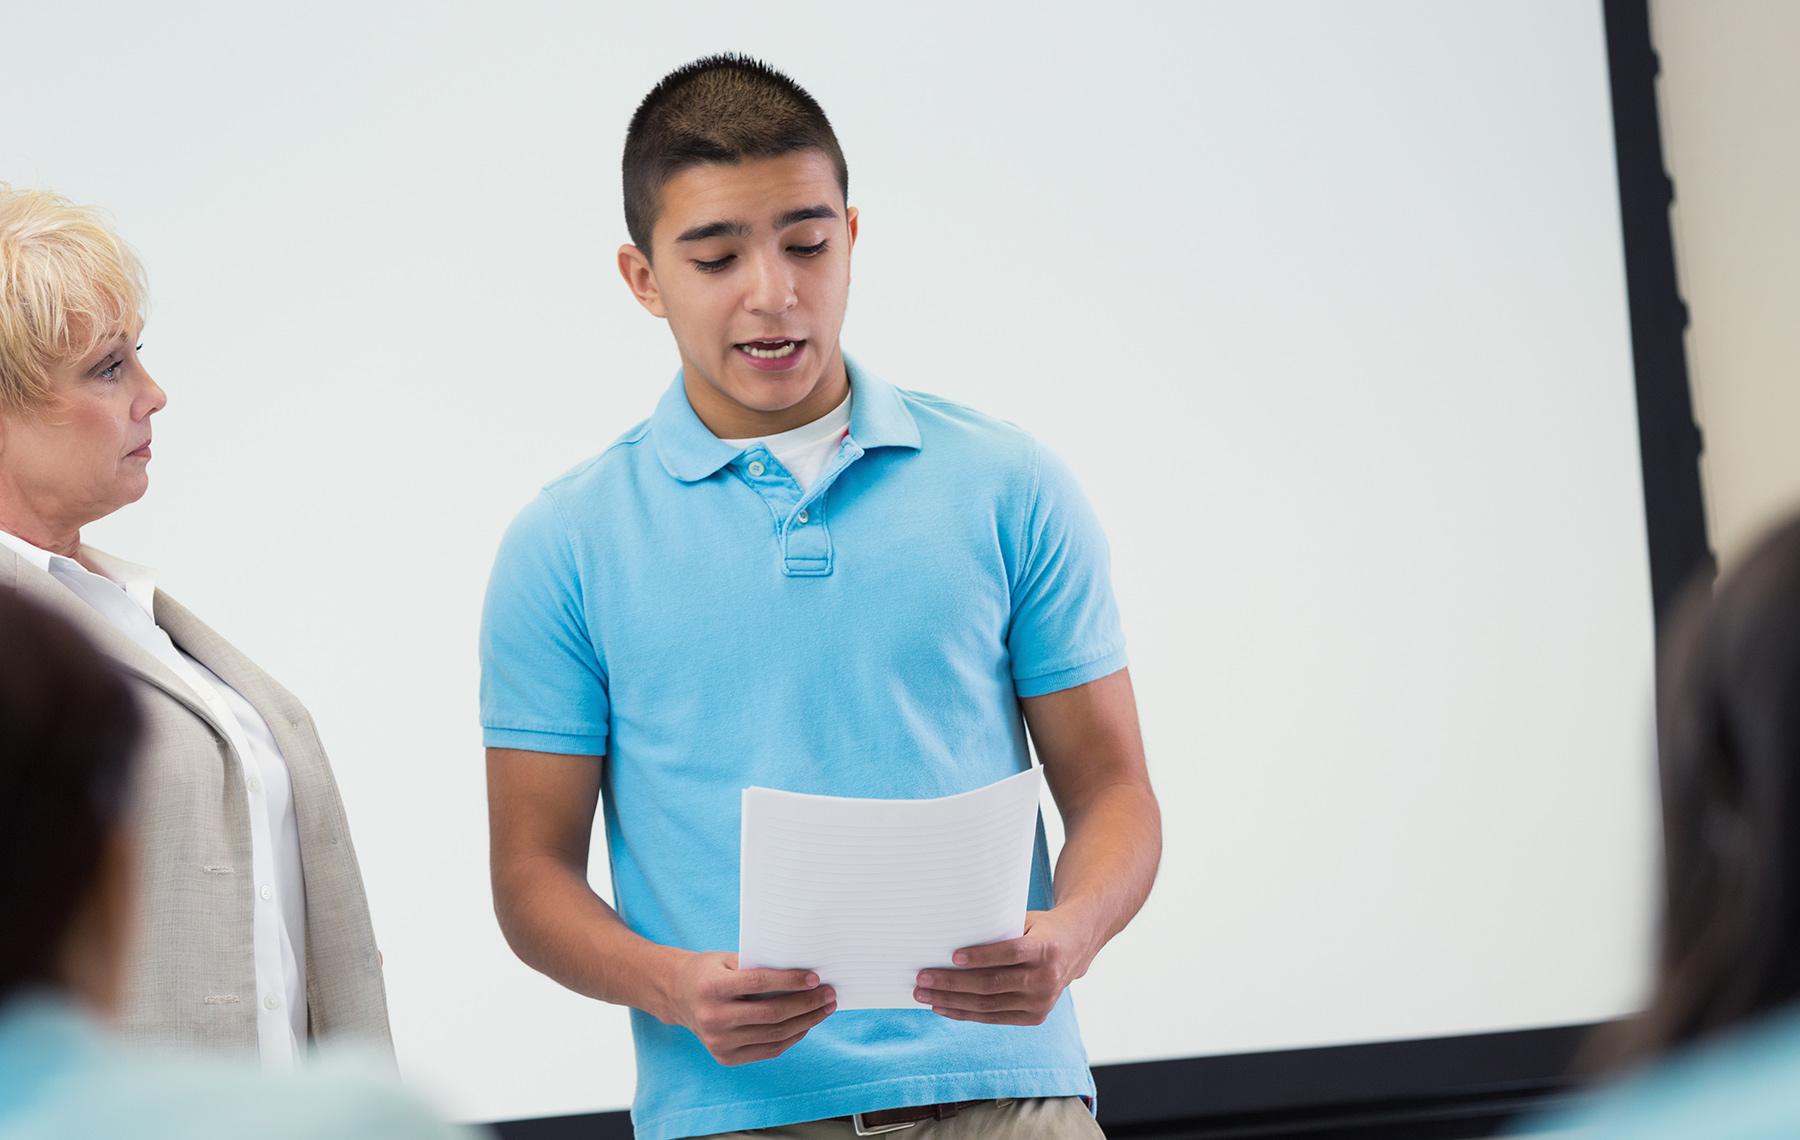 Boy Speaking in Class